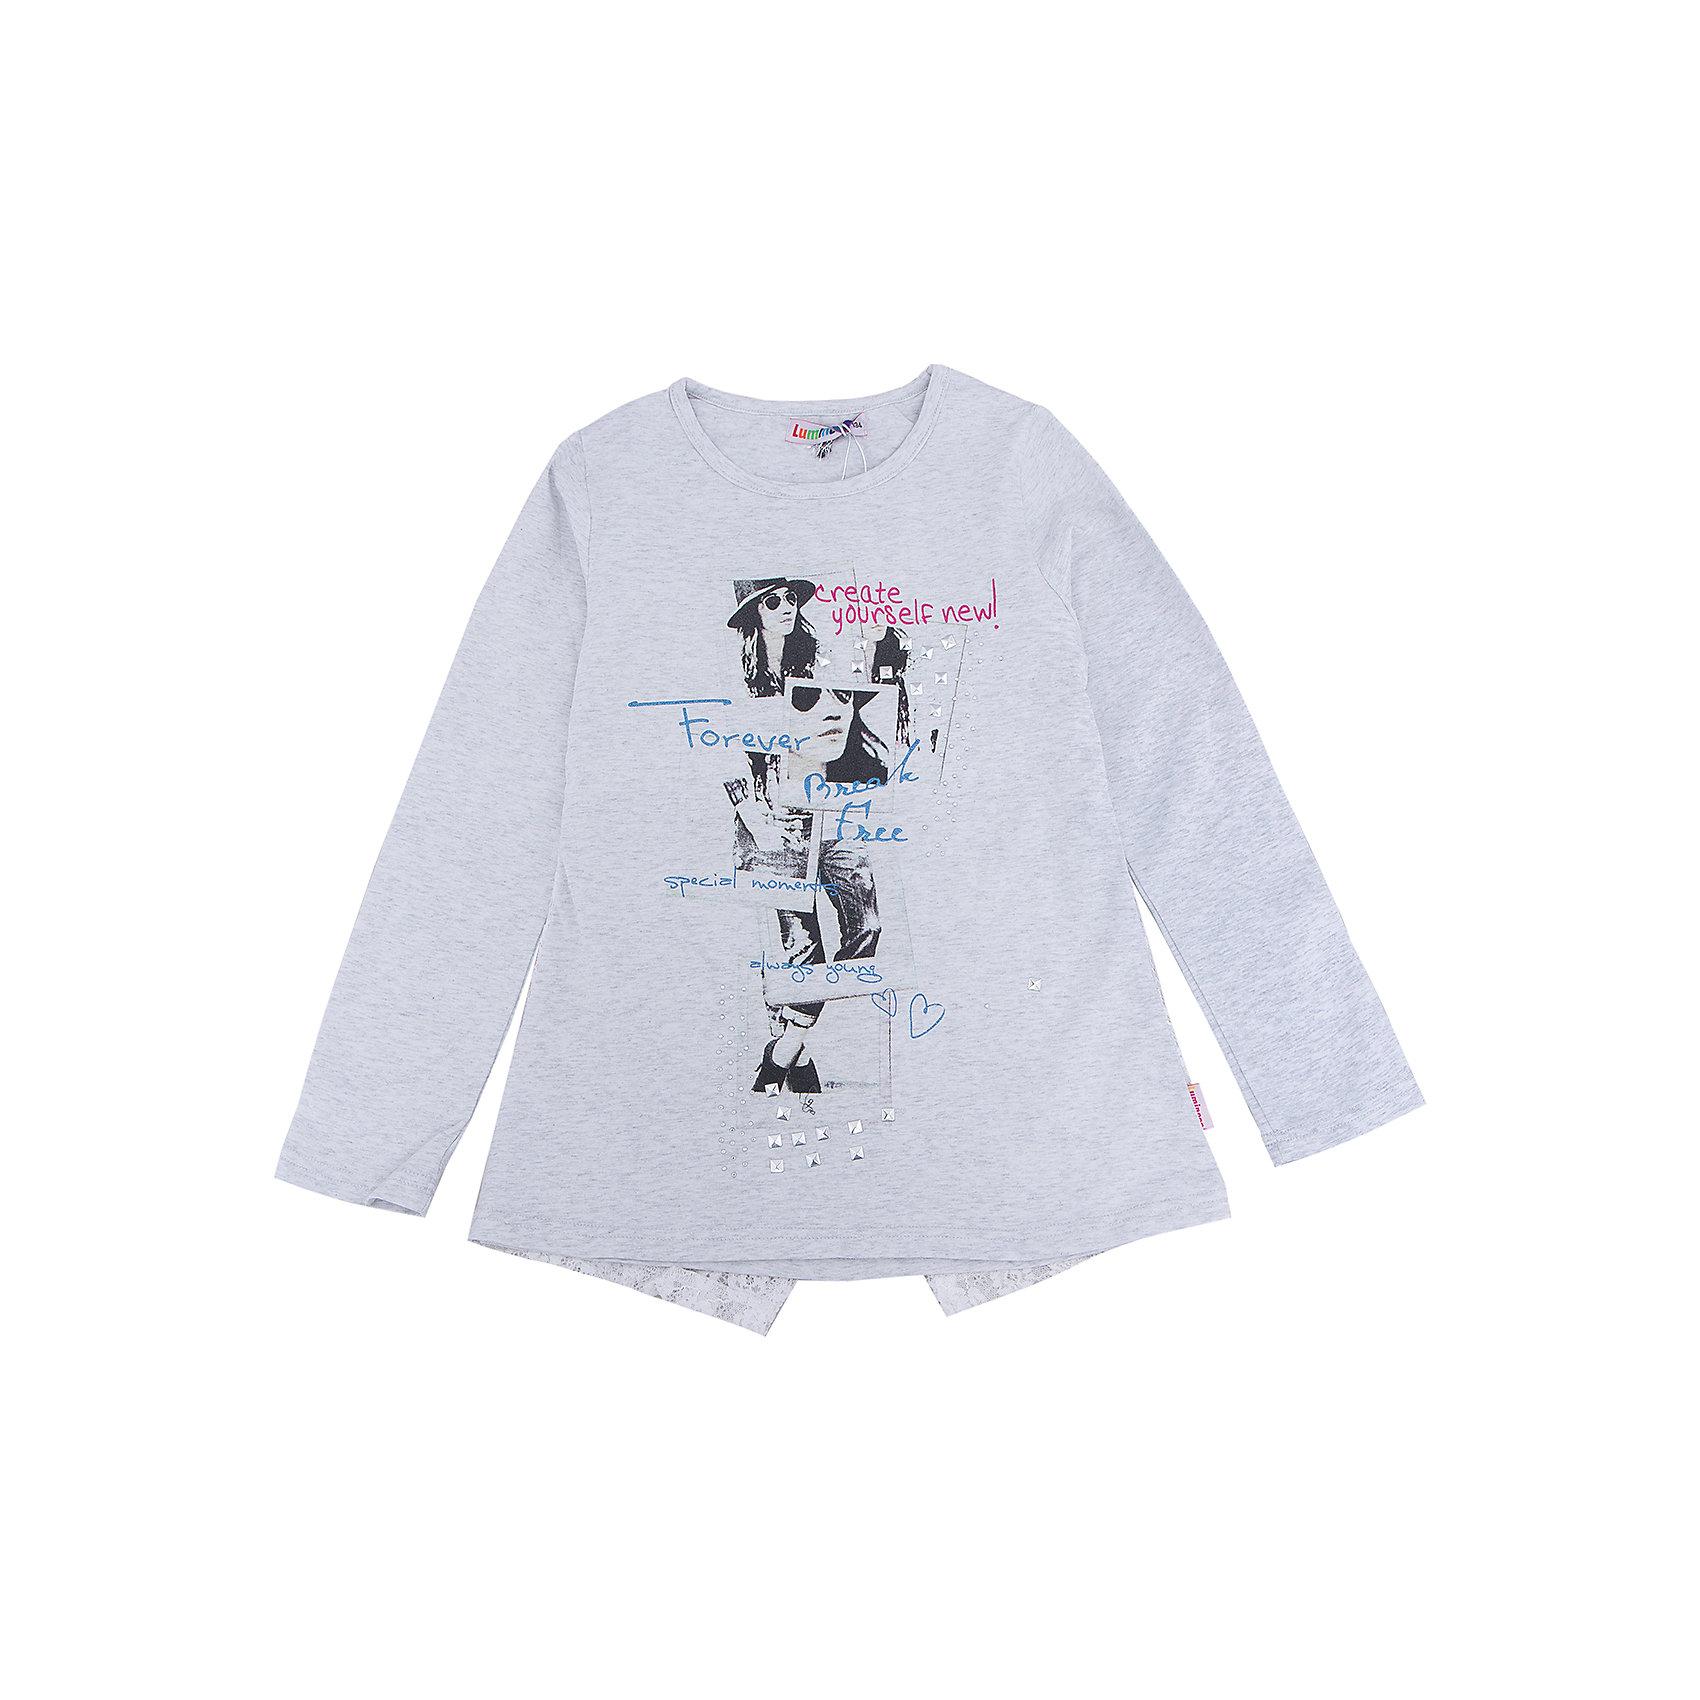 Футболка с длинным рукавом для девочки LuminosoХарактеристики товара:<br><br>- цвет: белый;<br>- материал: 95% хлопок, 5% эластан;<br>- декорирована принтом;<br>- длинный рукав;<br>- оригинальный дизайн спинки;<br>- округлый горловой вырез.<br><br>Стильная одежда от бренда Luminoso (Люминосо), созданная при участии итальянских дизайнеров, учитывает потребности подростков и последние веяния моды. Она удобная и модная.<br>Эта футболка с длинным рукавом выглядит стильно и нарядно, но при этом подходит для ежедневного ношения. Он хорошо сидит на ребенке, обеспечивает комфорт и отлично сочетается с одежной разных стилей. Модель отличается высоким качеством материала и продуманным дизайном. Натуральный хлопок в составе изделия делает его дышащим, приятным на ощупь и гипоаллергеным.<br><br>Футболку с длинным рукавом для девочки от бренда Luminoso (Люминосо) можно купить в нашем интернет-магазине.<br><br>Ширина мм: 230<br>Глубина мм: 40<br>Высота мм: 220<br>Вес г: 250<br>Цвет: серый<br>Возраст от месяцев: 120<br>Возраст до месяцев: 132<br>Пол: Женский<br>Возраст: Детский<br>Размер: 146,164,134,140,152,158<br>SKU: 4929682